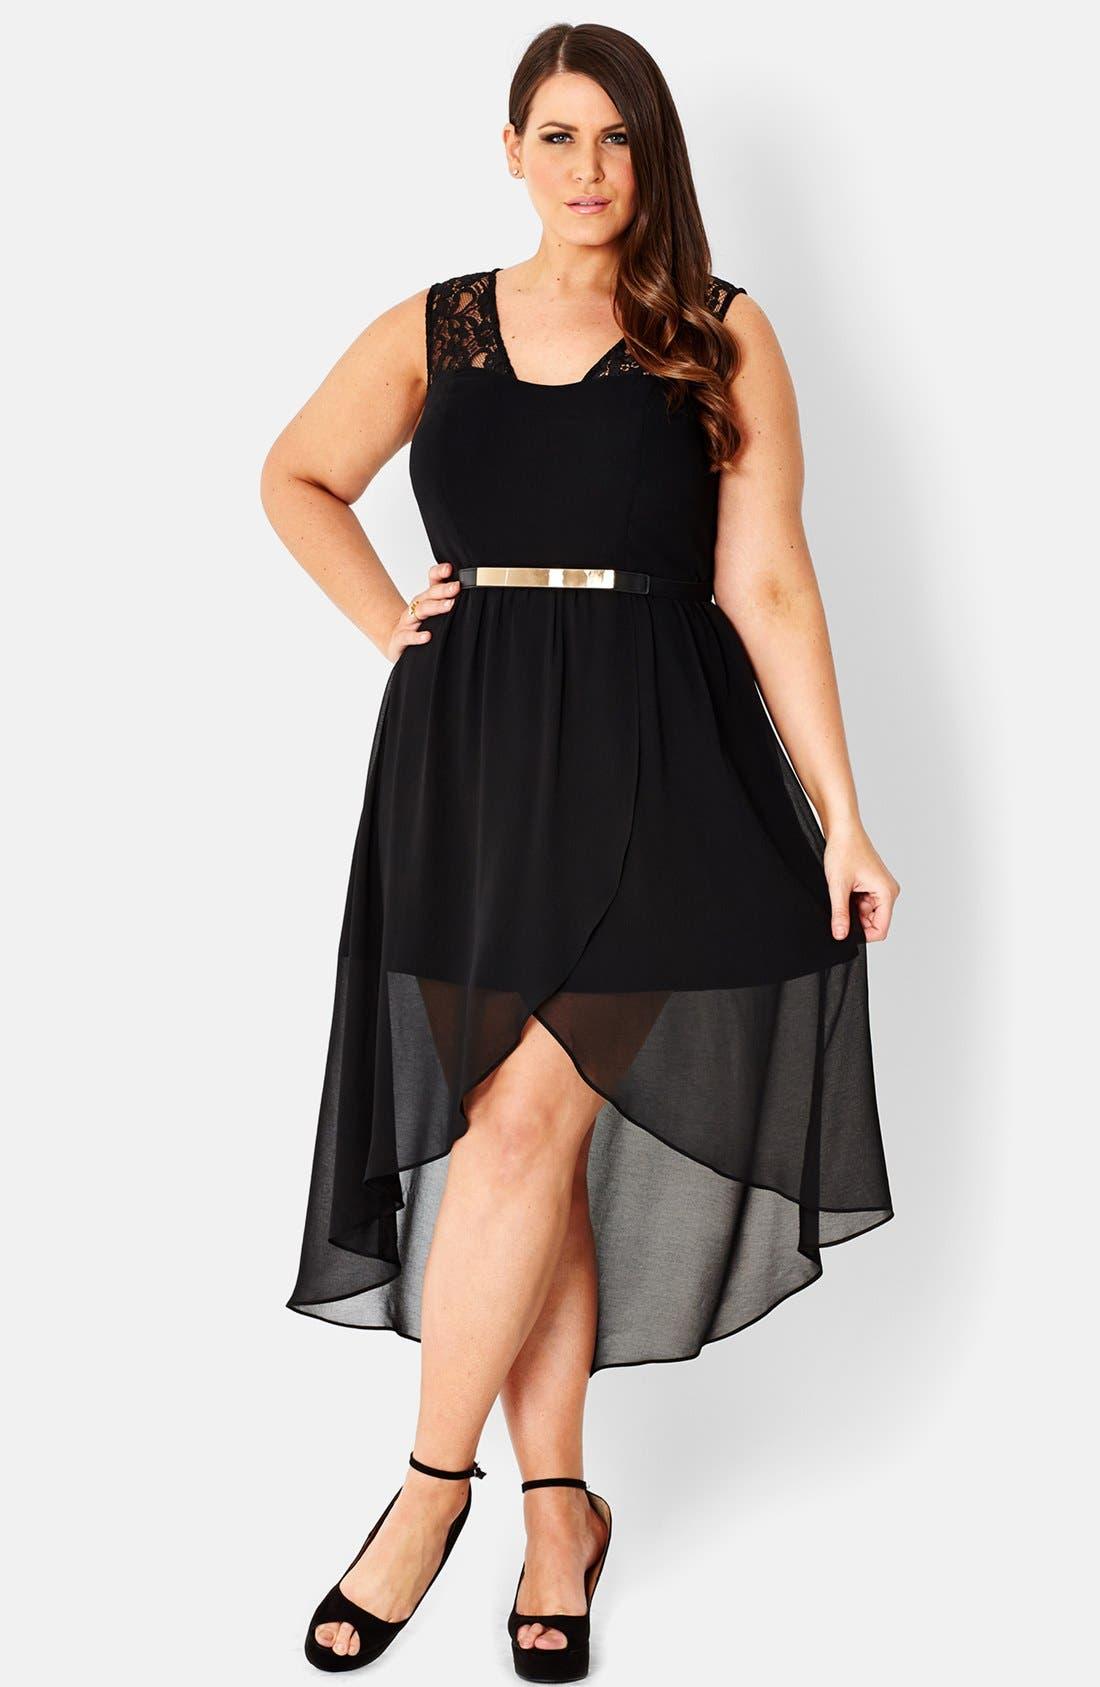 Main Image - City Chic Lace Trim High/Low Chiffon Overlay Dress (Plus Size)